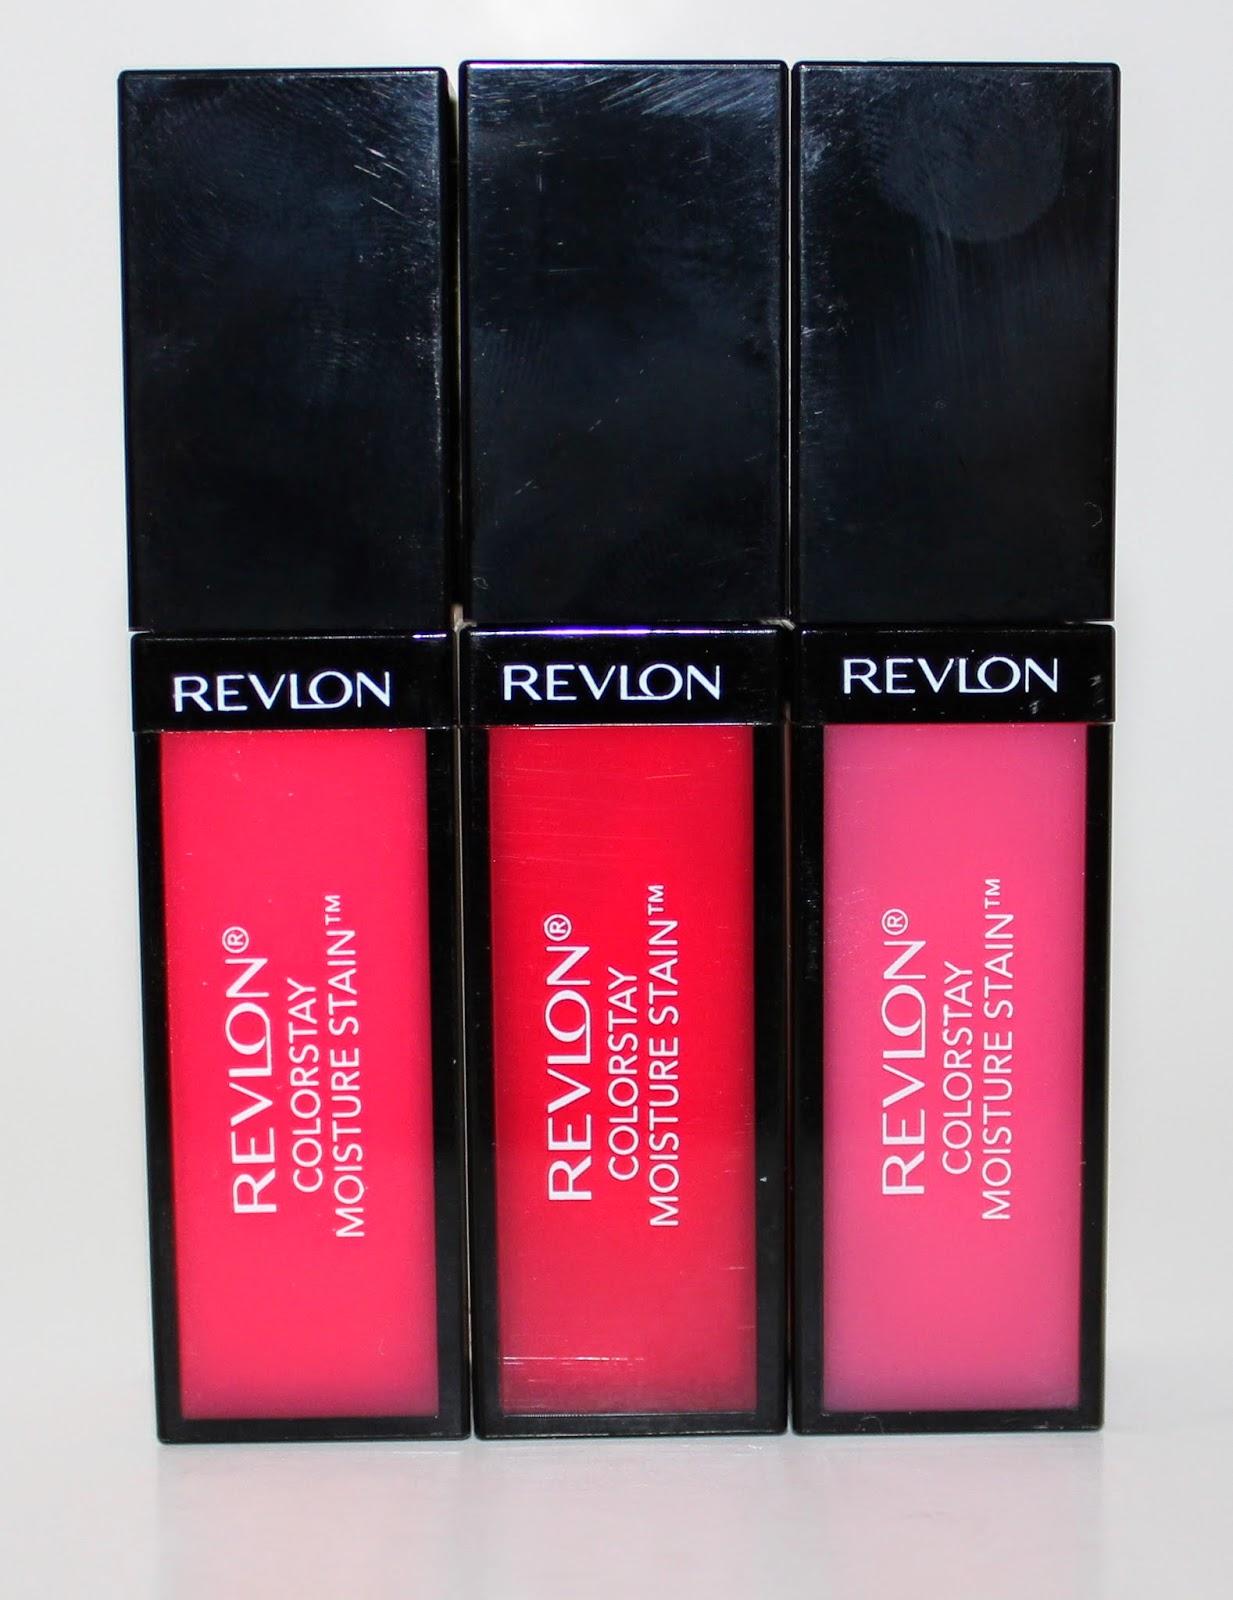 Revlon ColorStay Moisture Stain in Rio Rush, Barcelona Nights & LA Exclusive